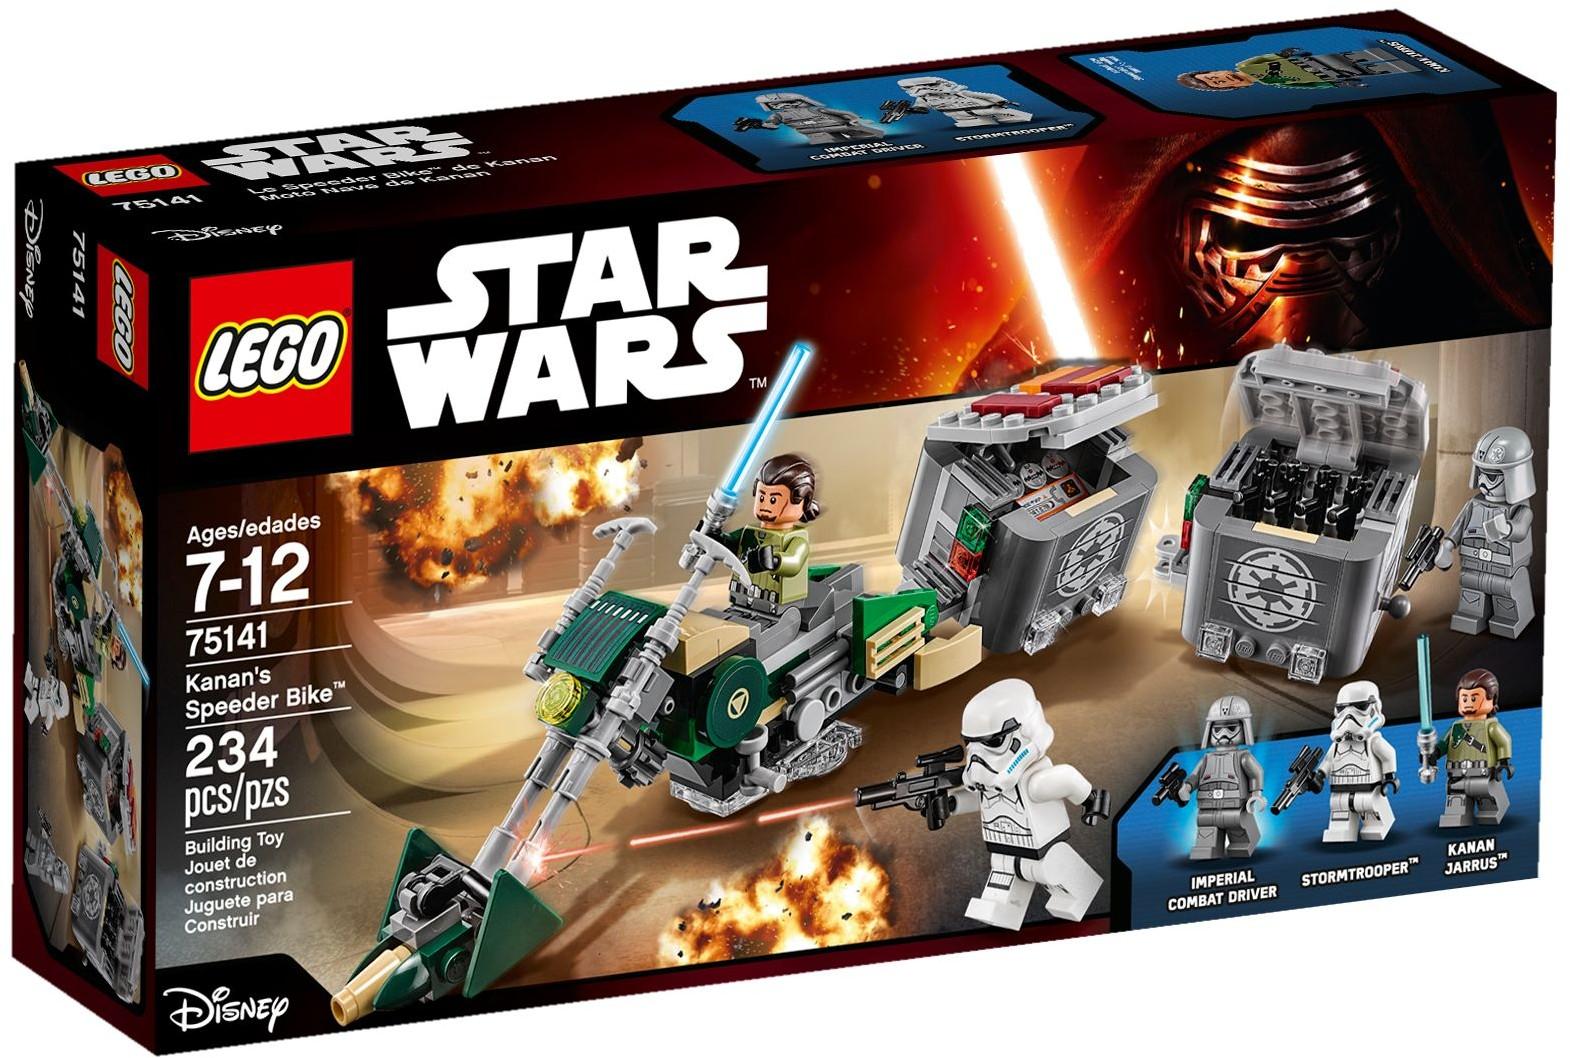 LEGO # 75141 STARWARS Kanan's Speeder Bike